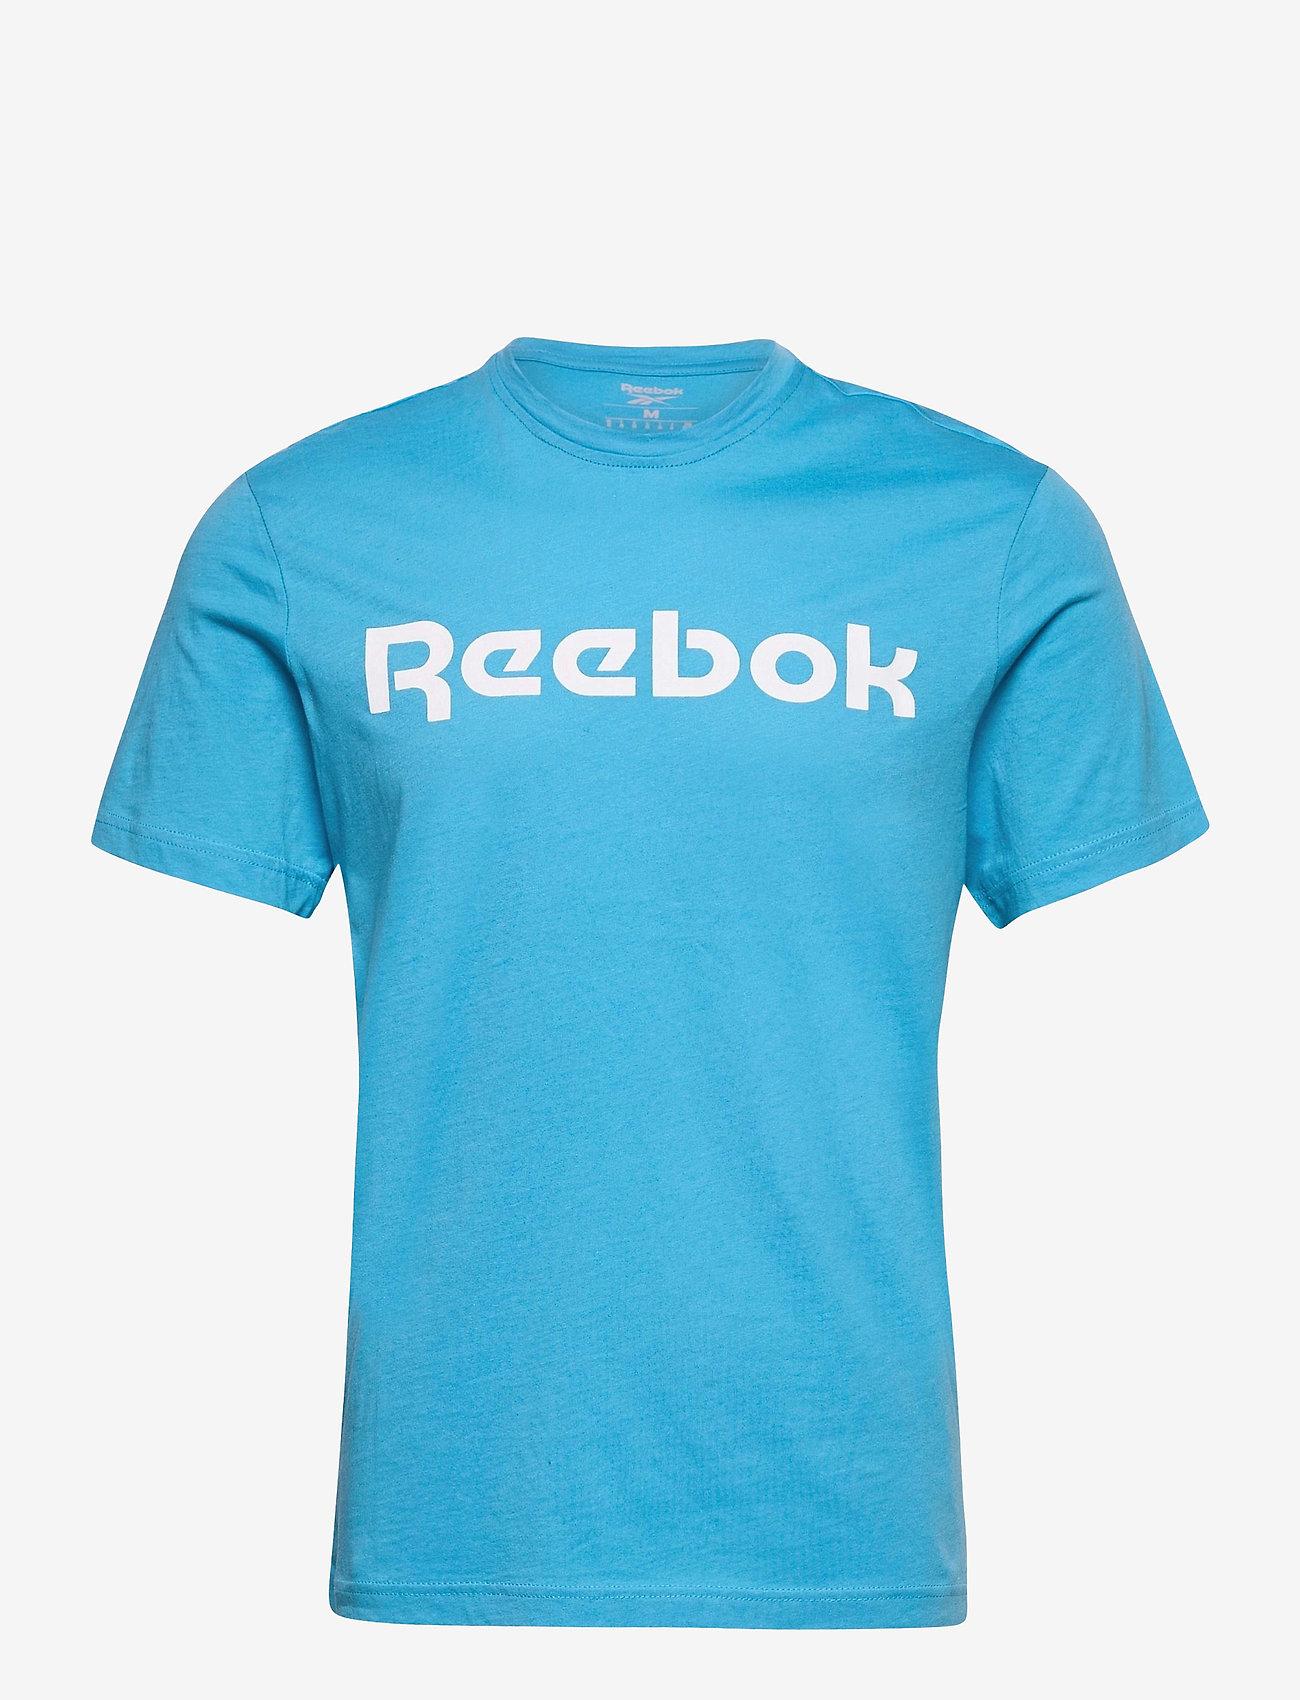 Reebok Performance - Graphic Series Linear Logo T-Shirt - t-shirts - radaqu - 1